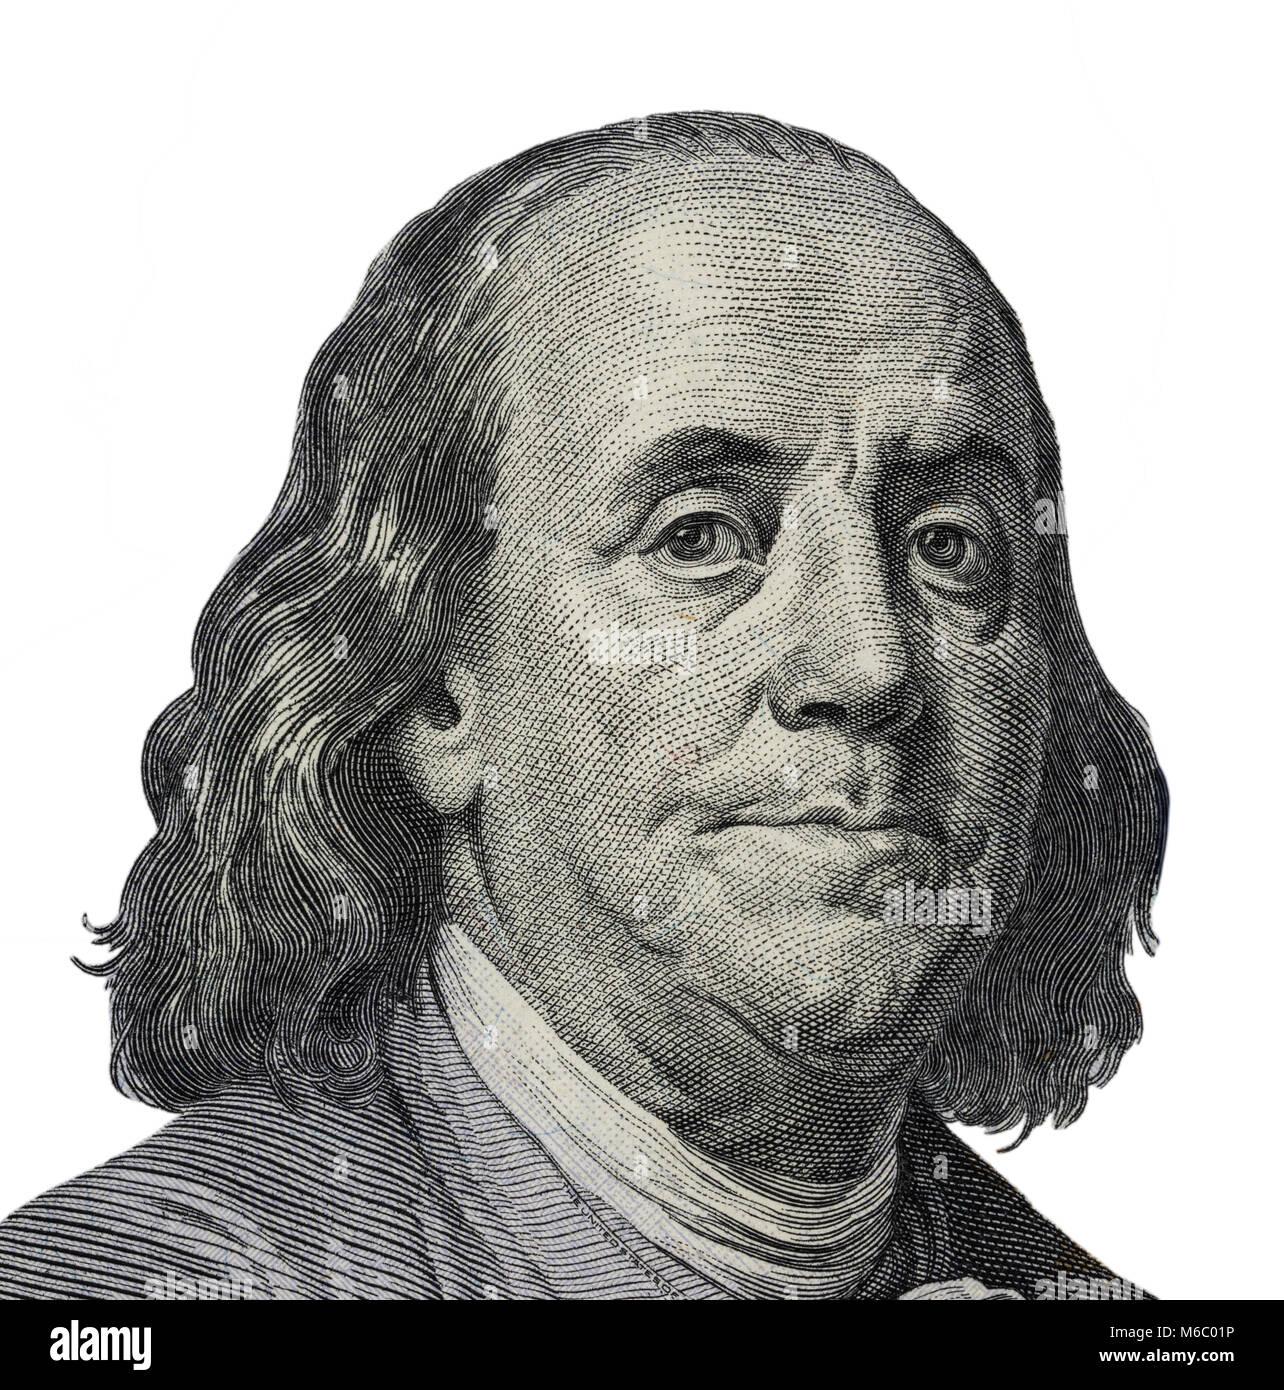 Benjamin Ben Franklin Face On Us 100 Dollar Bill Closeup